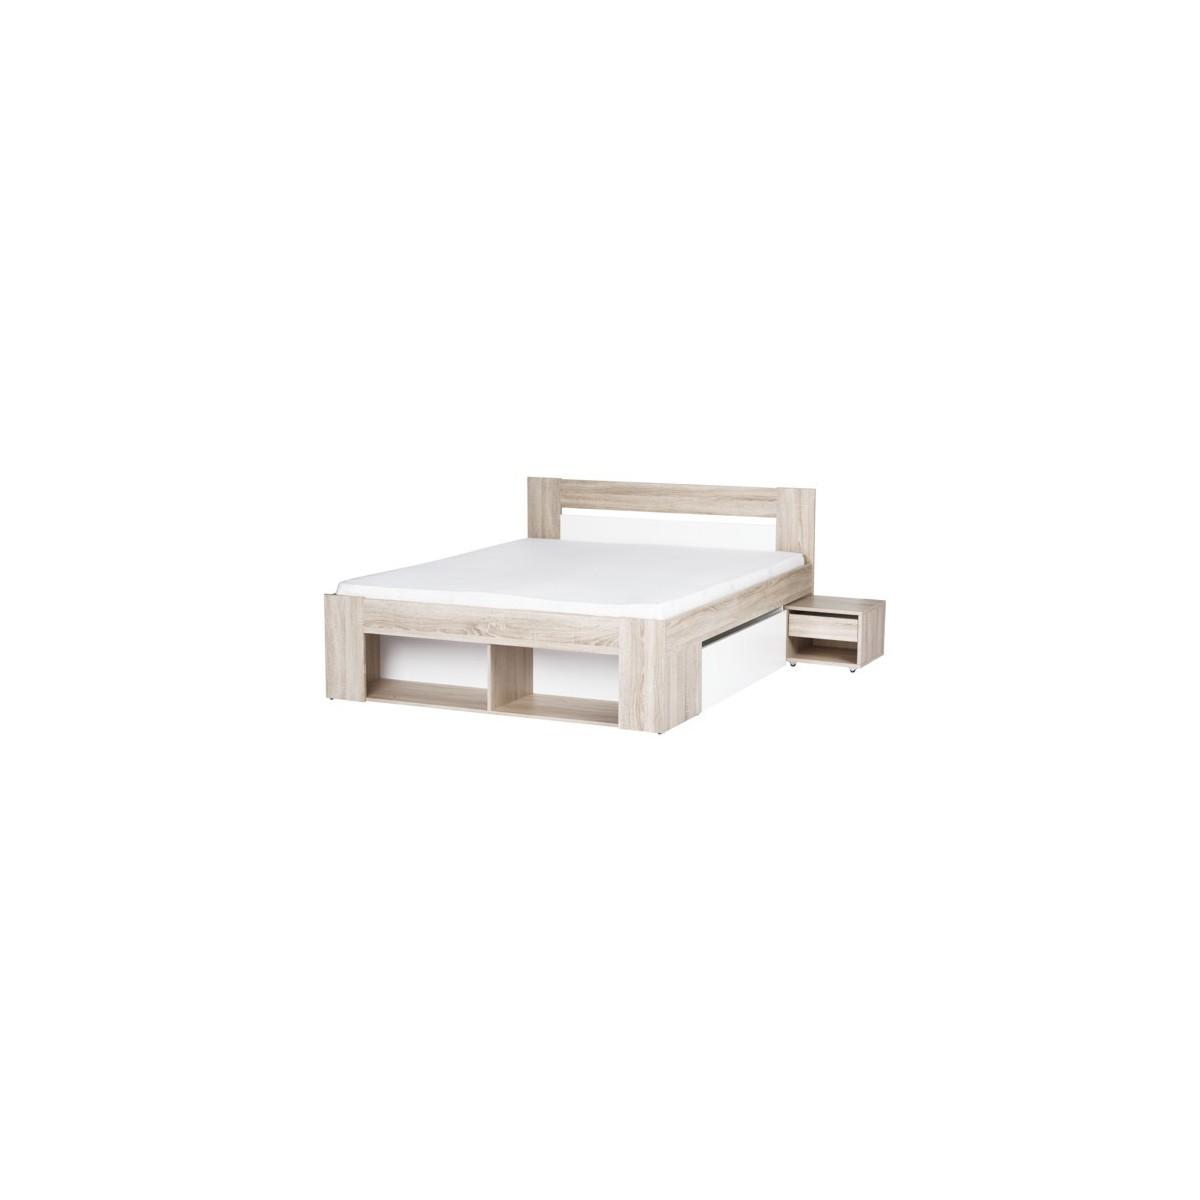 Łóżko 160 cm + 2 szafki nocne Milo 09 Szynaka Meble